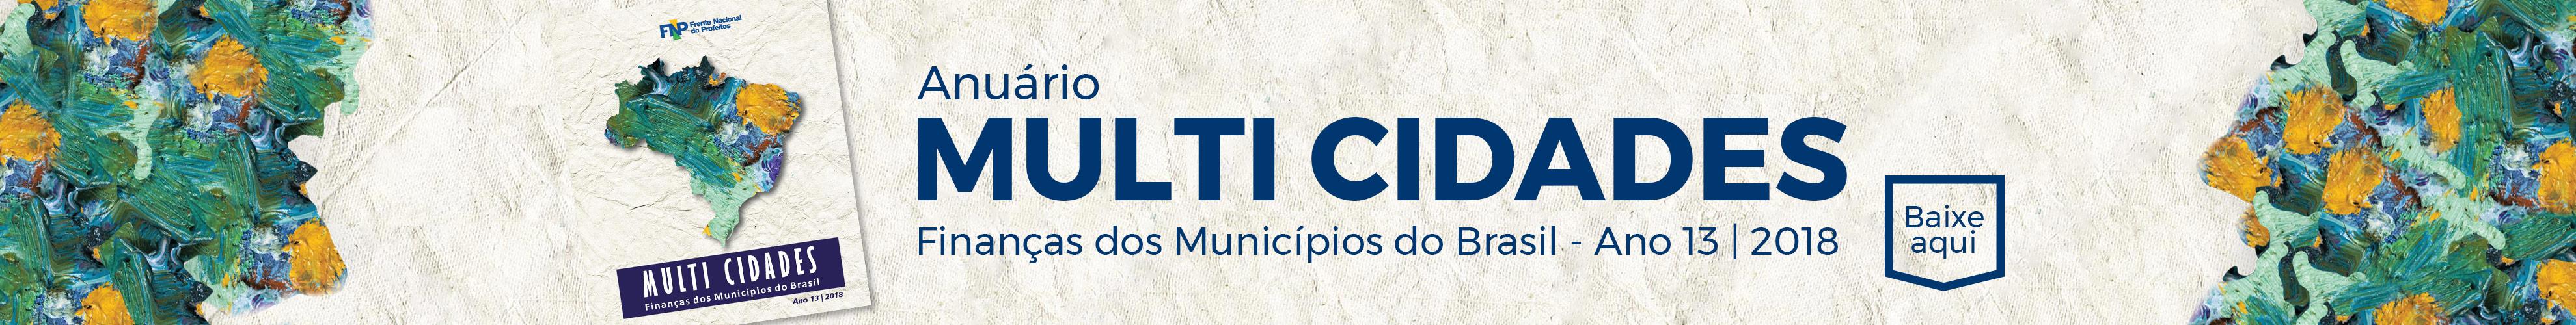 Multi Cidades 2018 (topo)